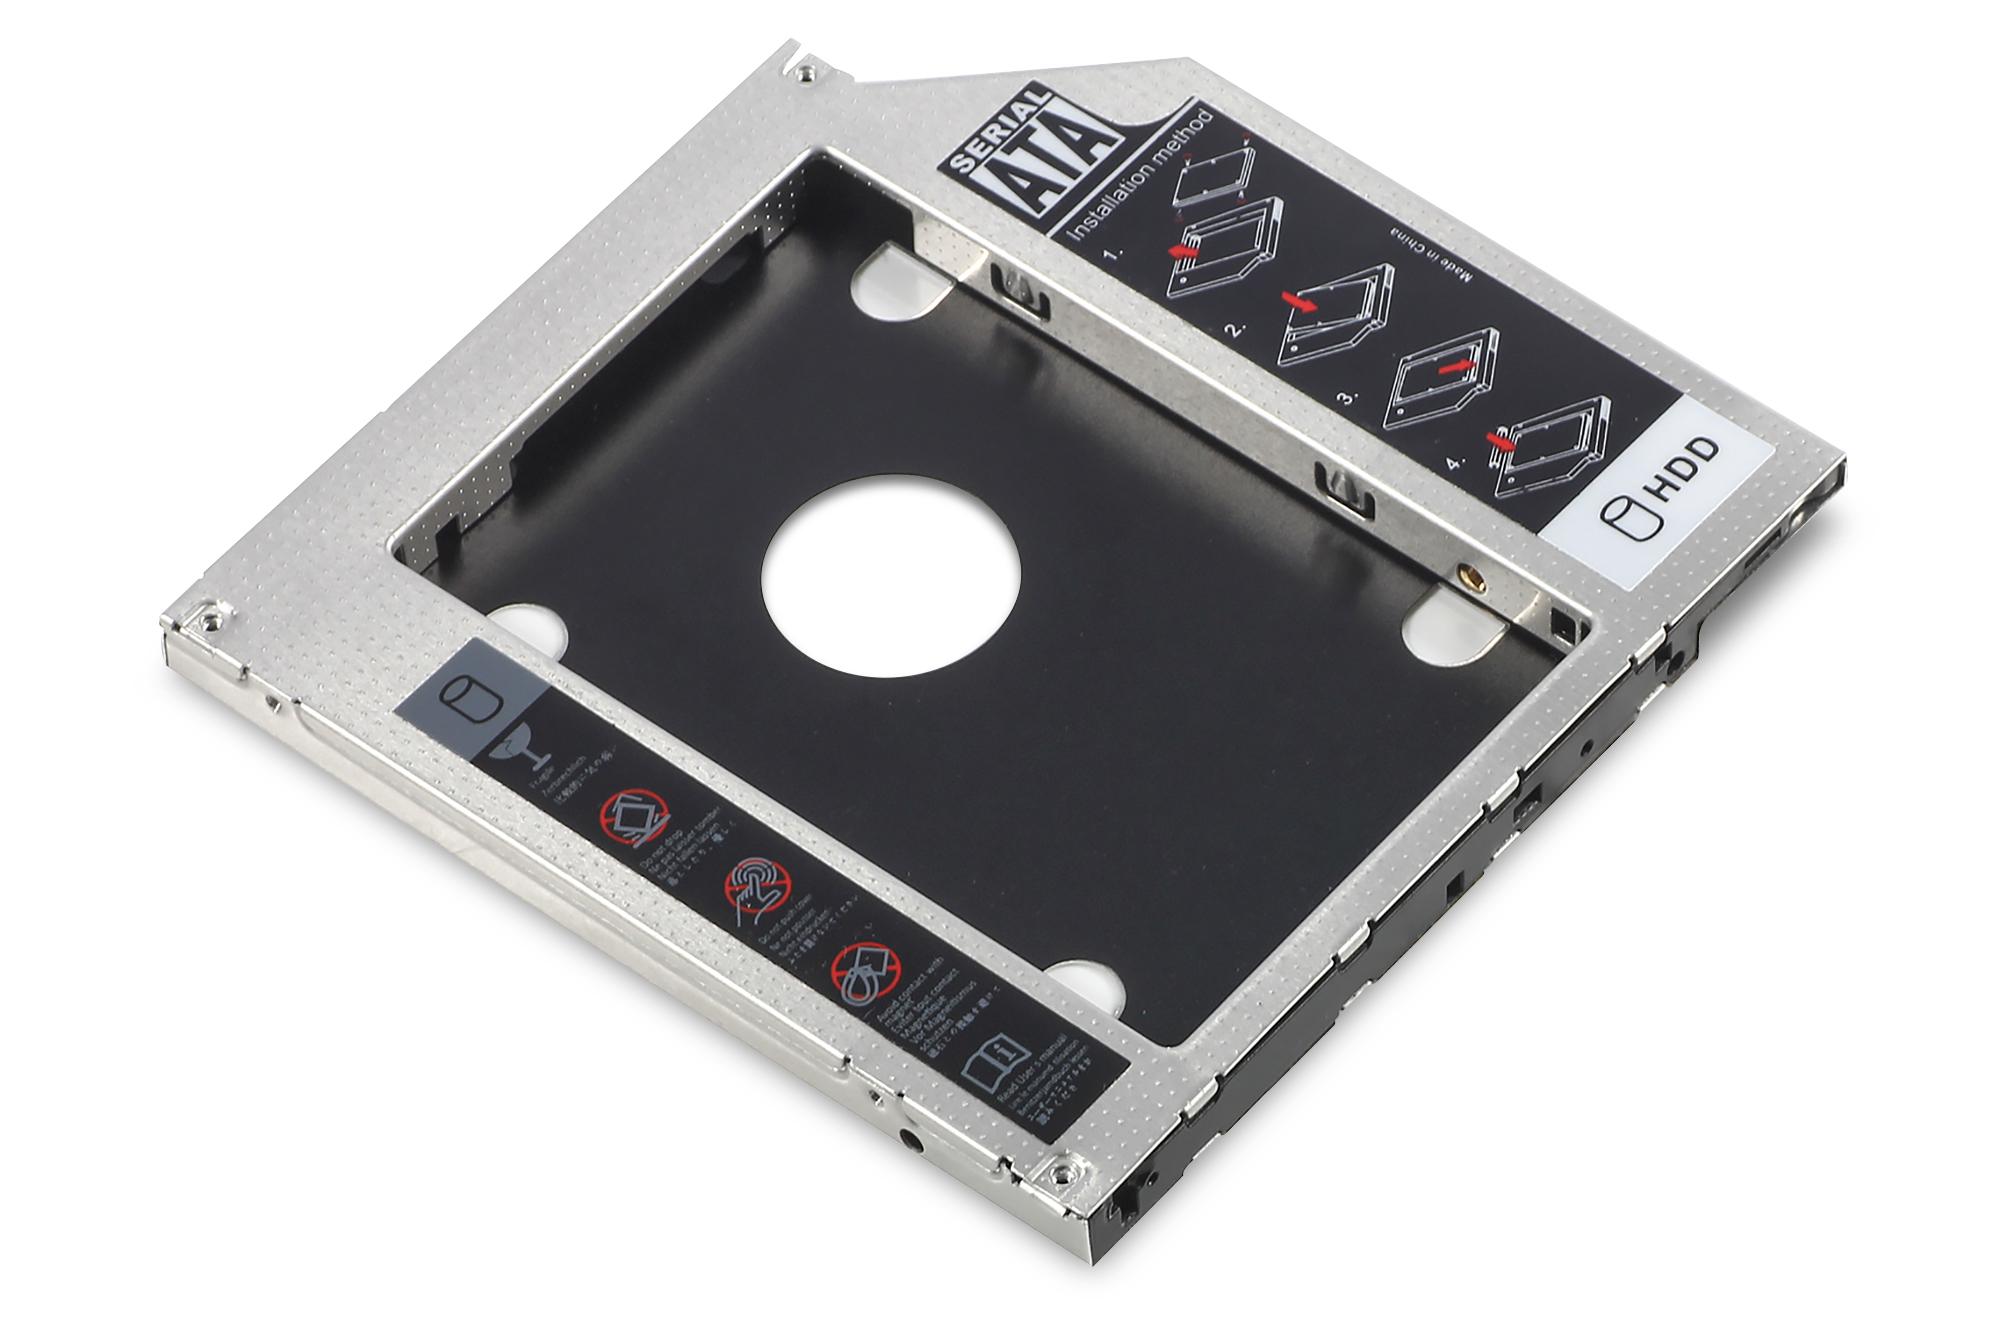 DIGITUS SSD/HDD Einbaurahmen für den CD/DVD/Blu-ray Laufwerksschacht, SATA auf SATA III, 9,5 mm Bauhöhe